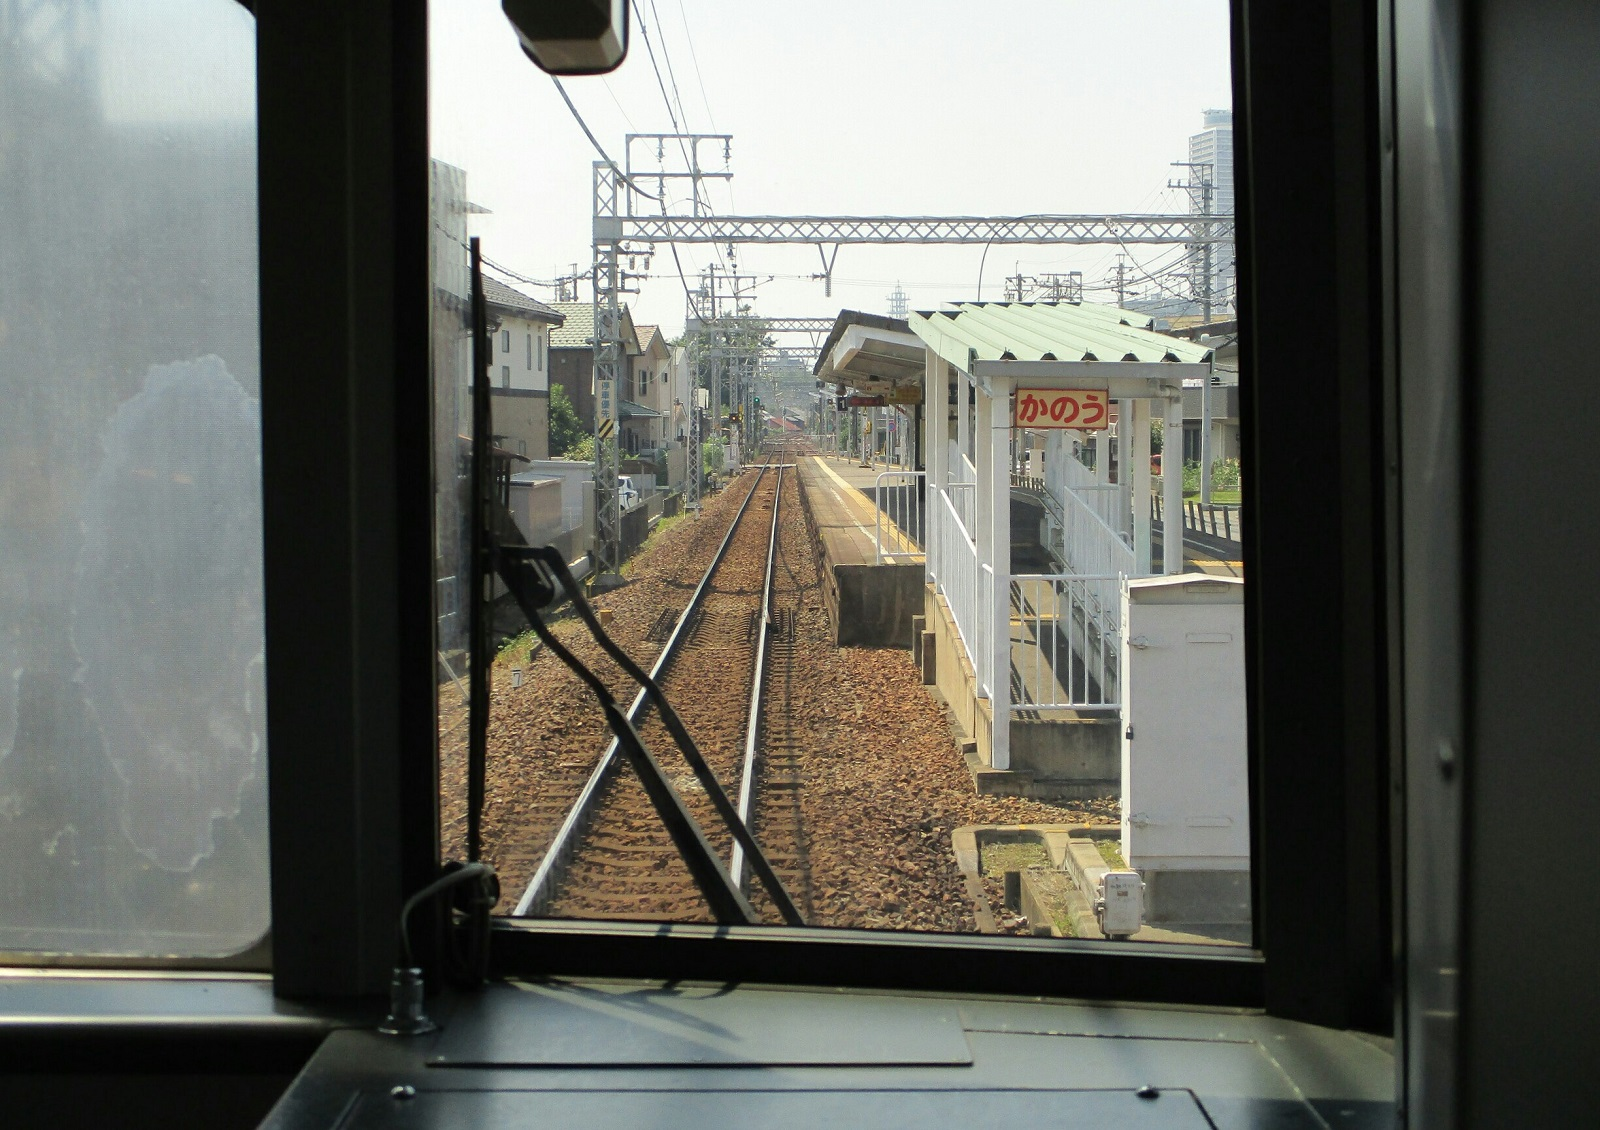 2018.7.18 (142) 岐阜いき特急 - 加納 1600-1130